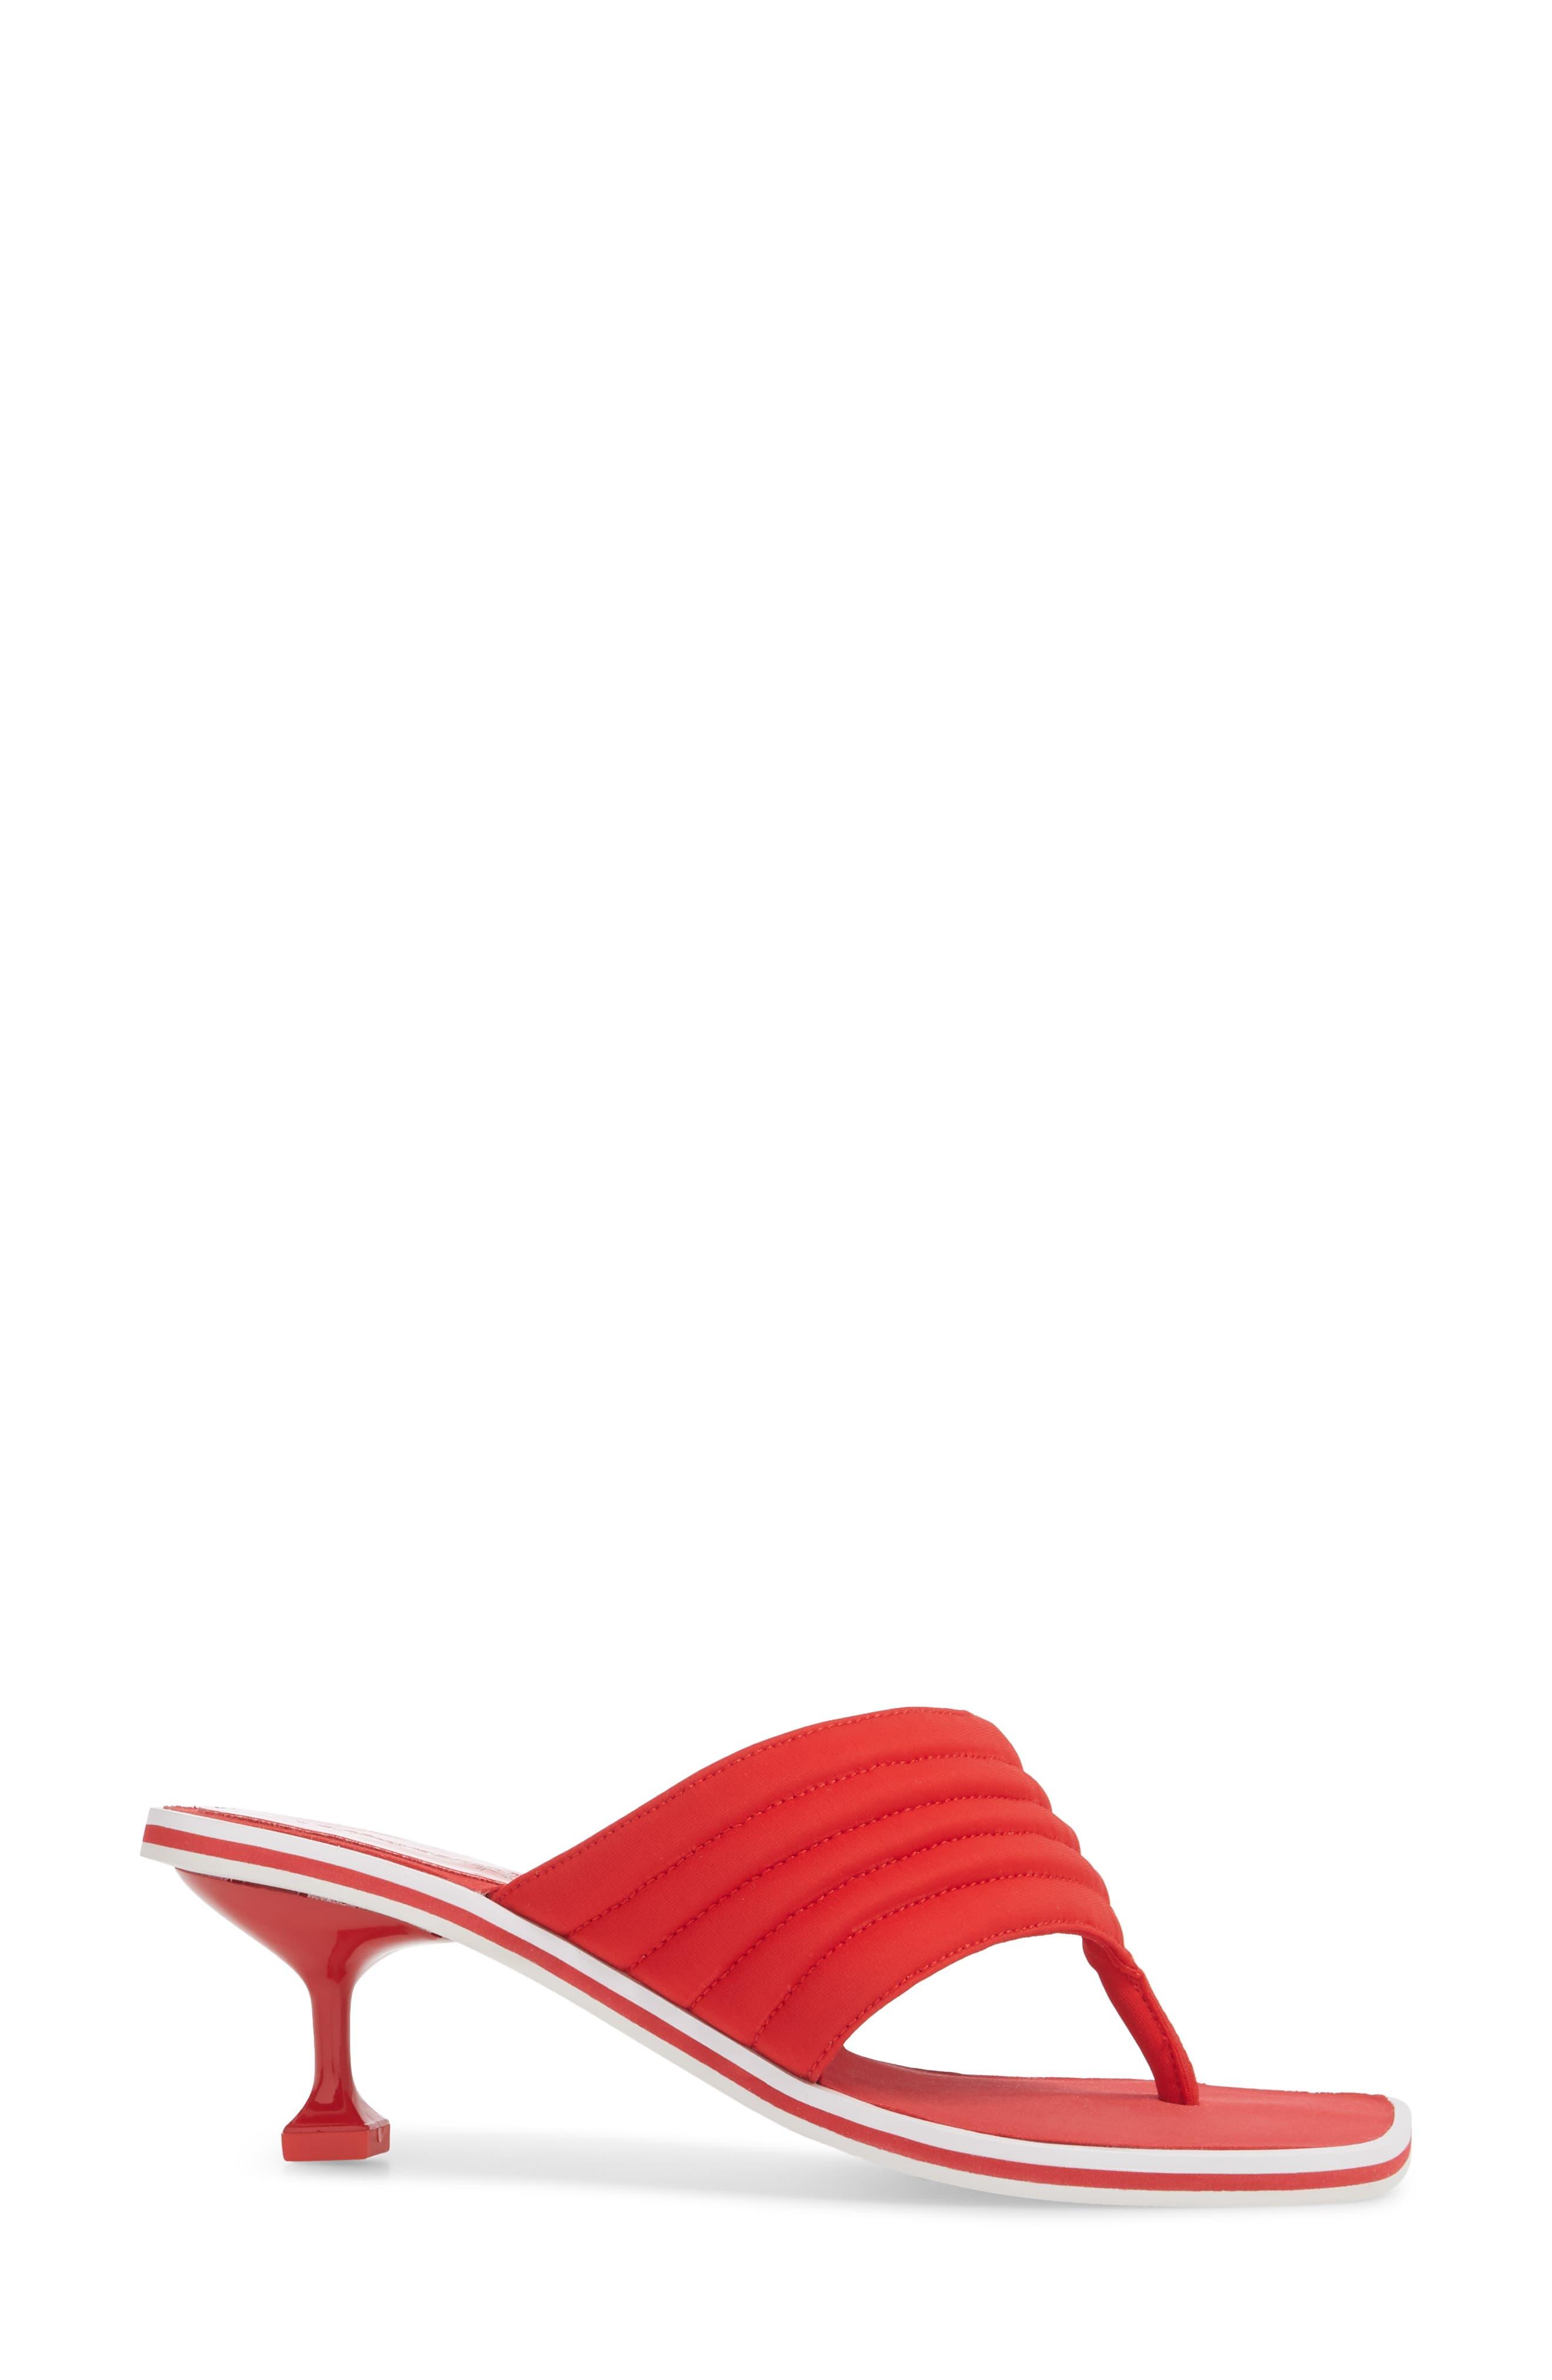 Overtime Sandal,                             Alternate thumbnail 3, color,                             Red Neorprene